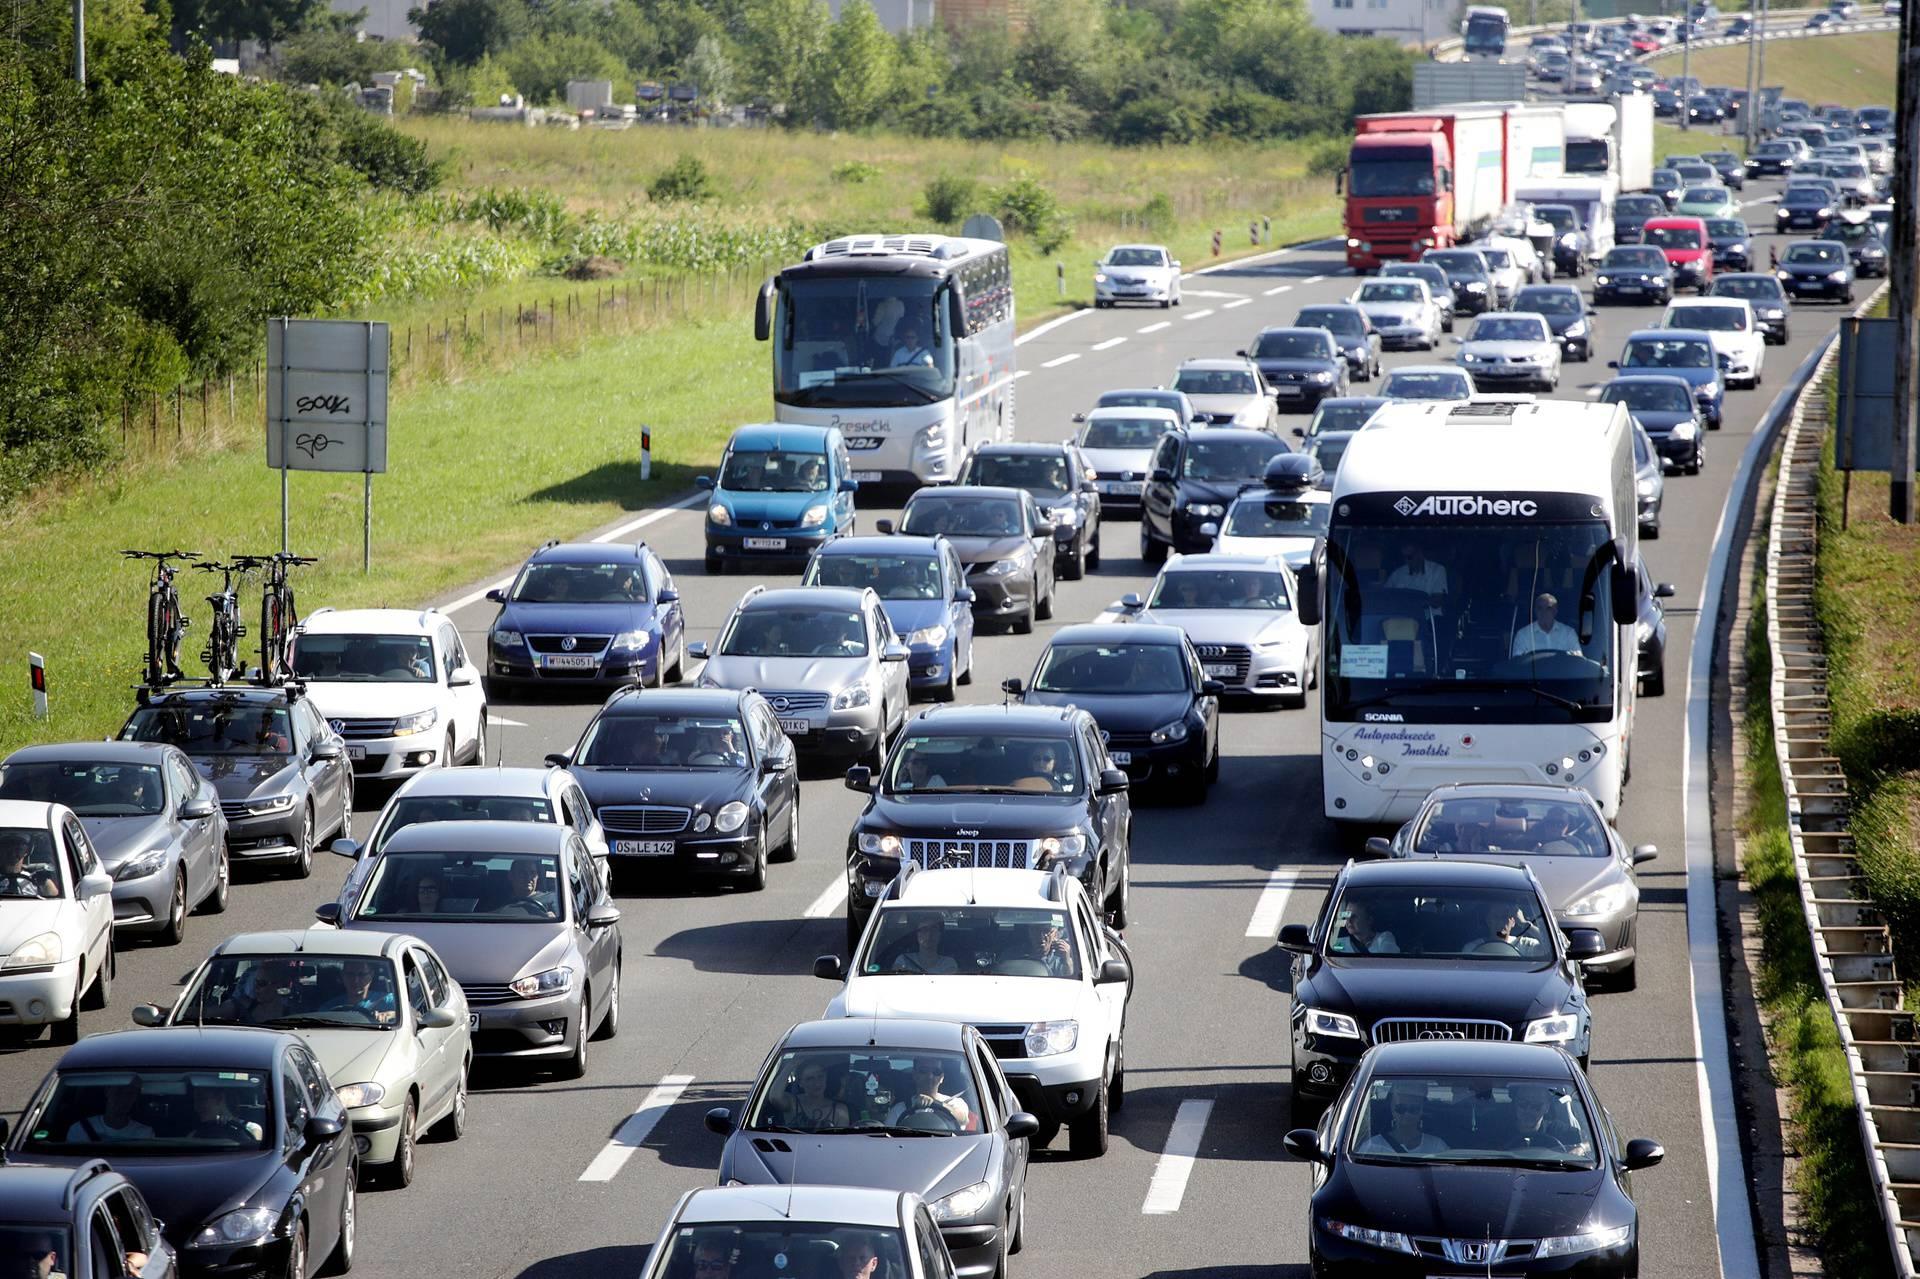 Na autocestama 30 milijuna vozila, turisti umanjili minuse